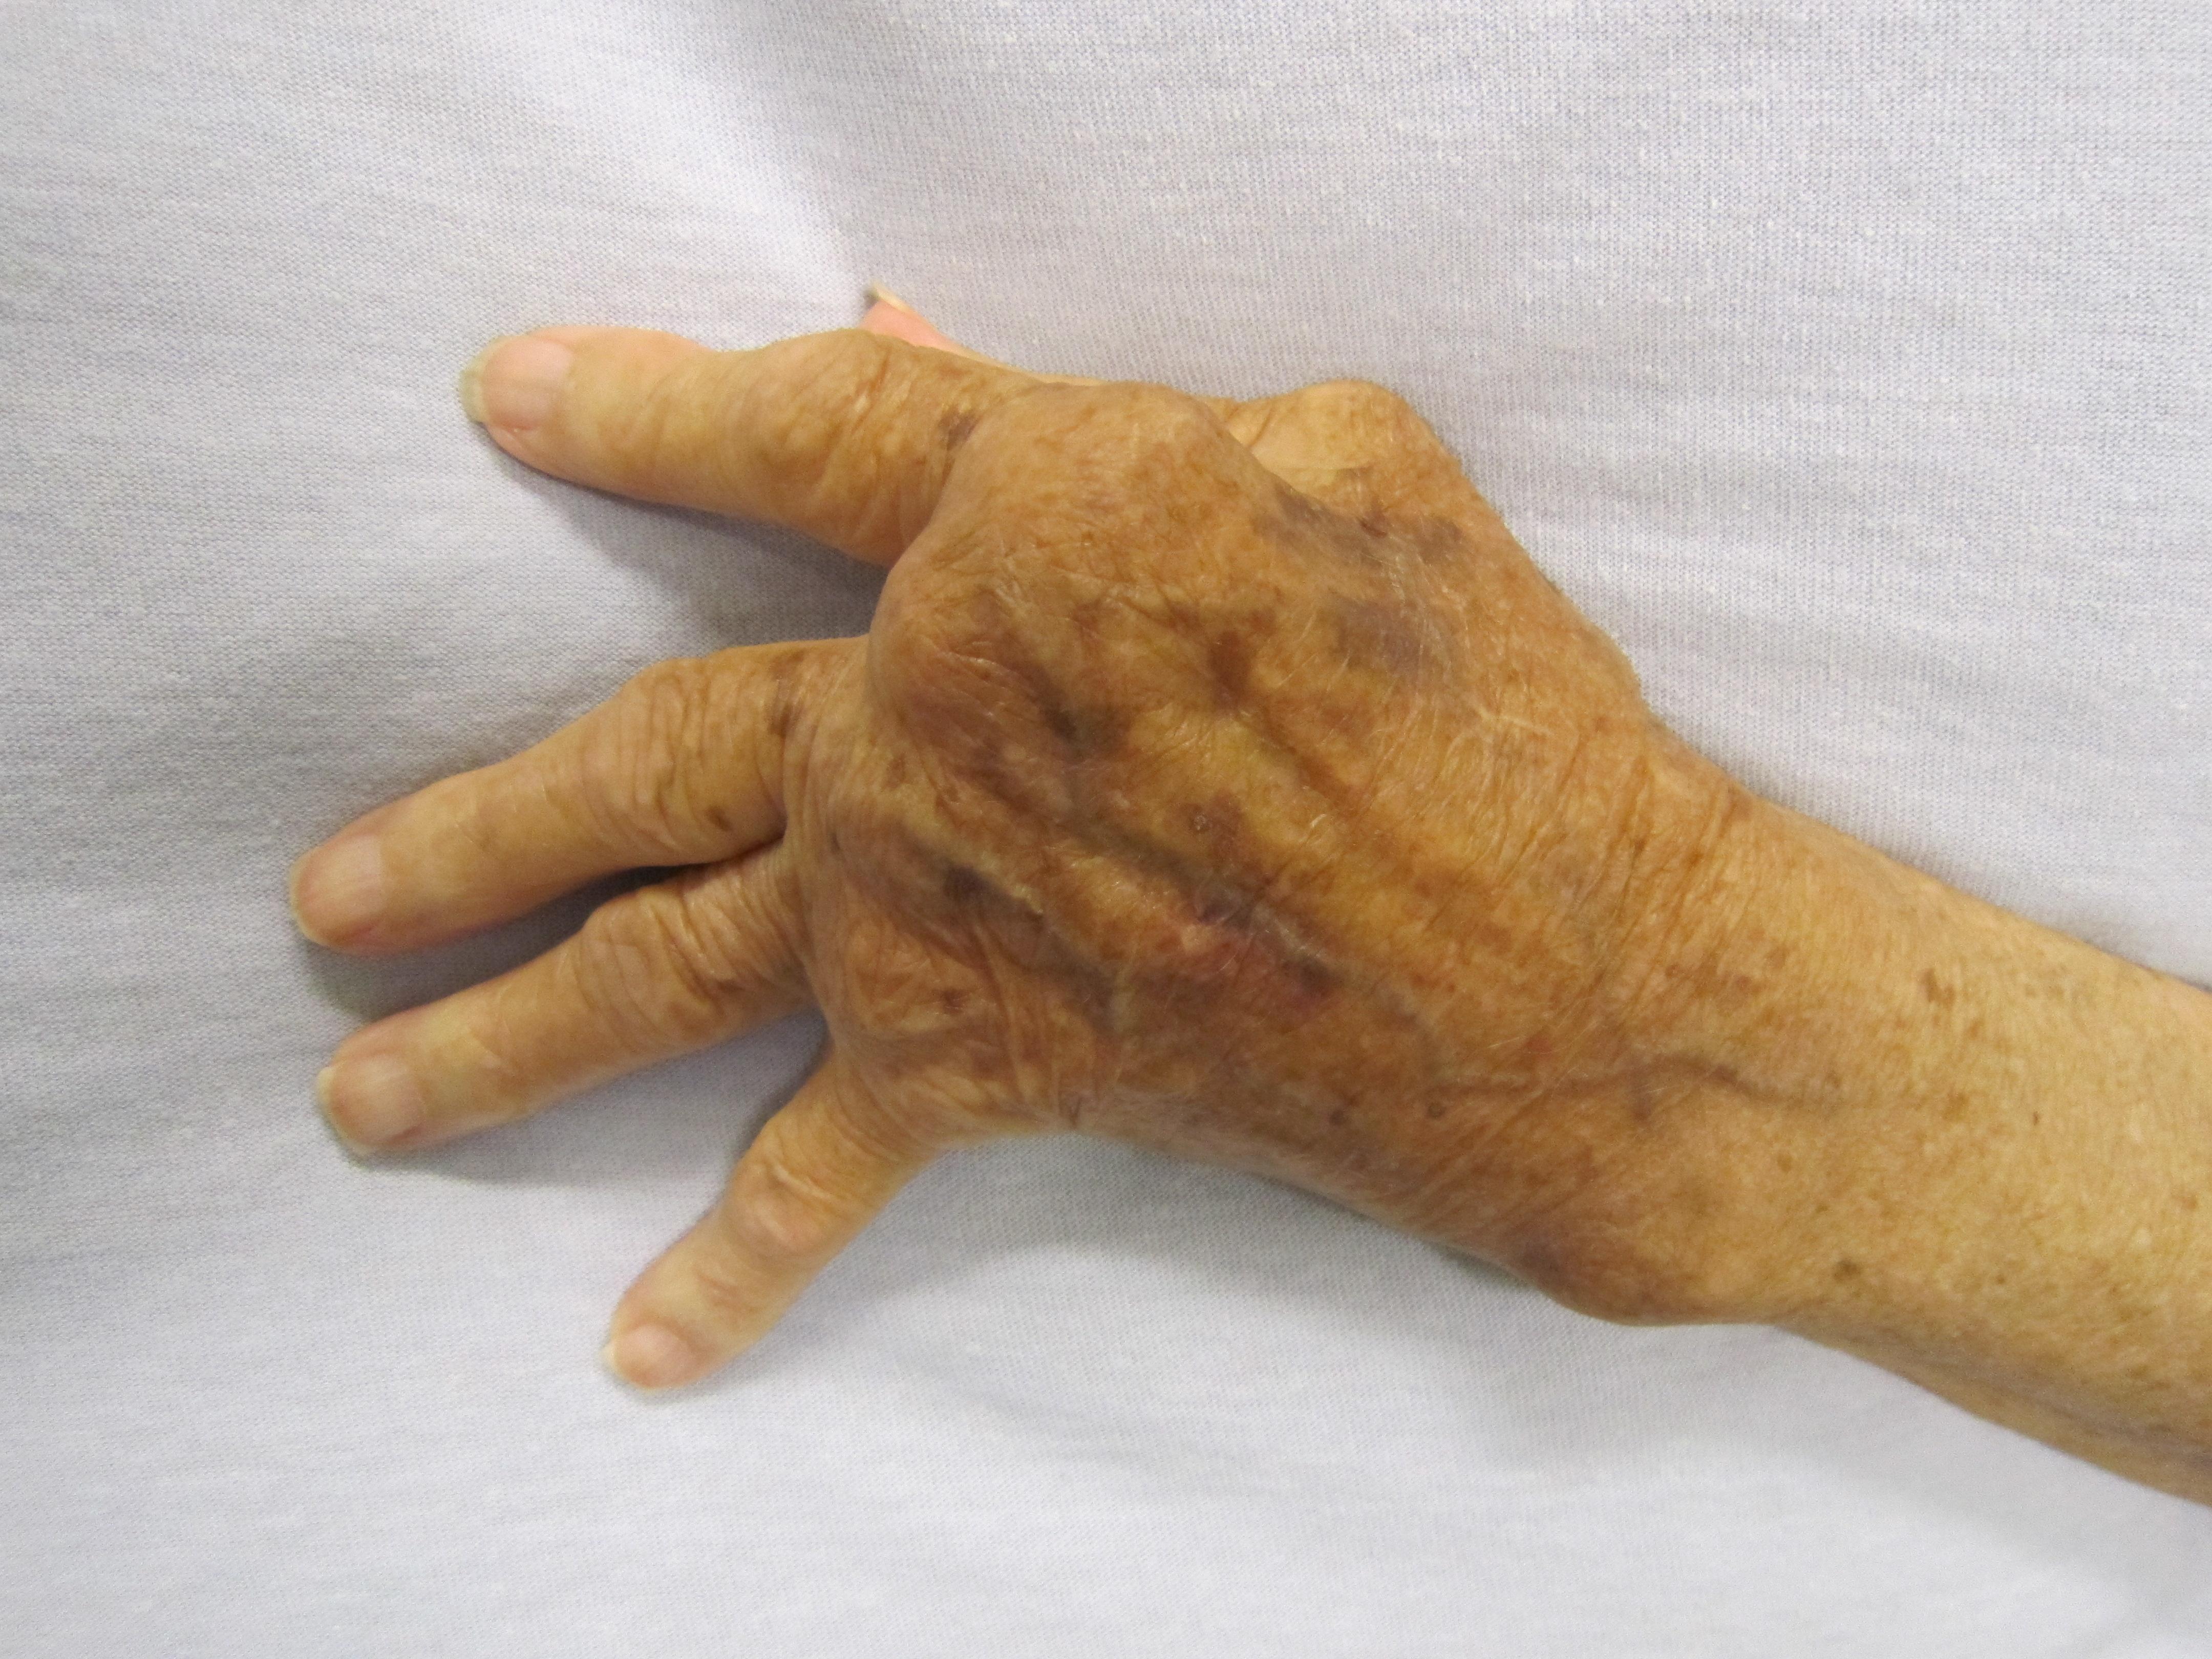 lehetséges az ízületek megváltoztatása rheumatoid arthritisben ízületi fájdalom, mint kezelni